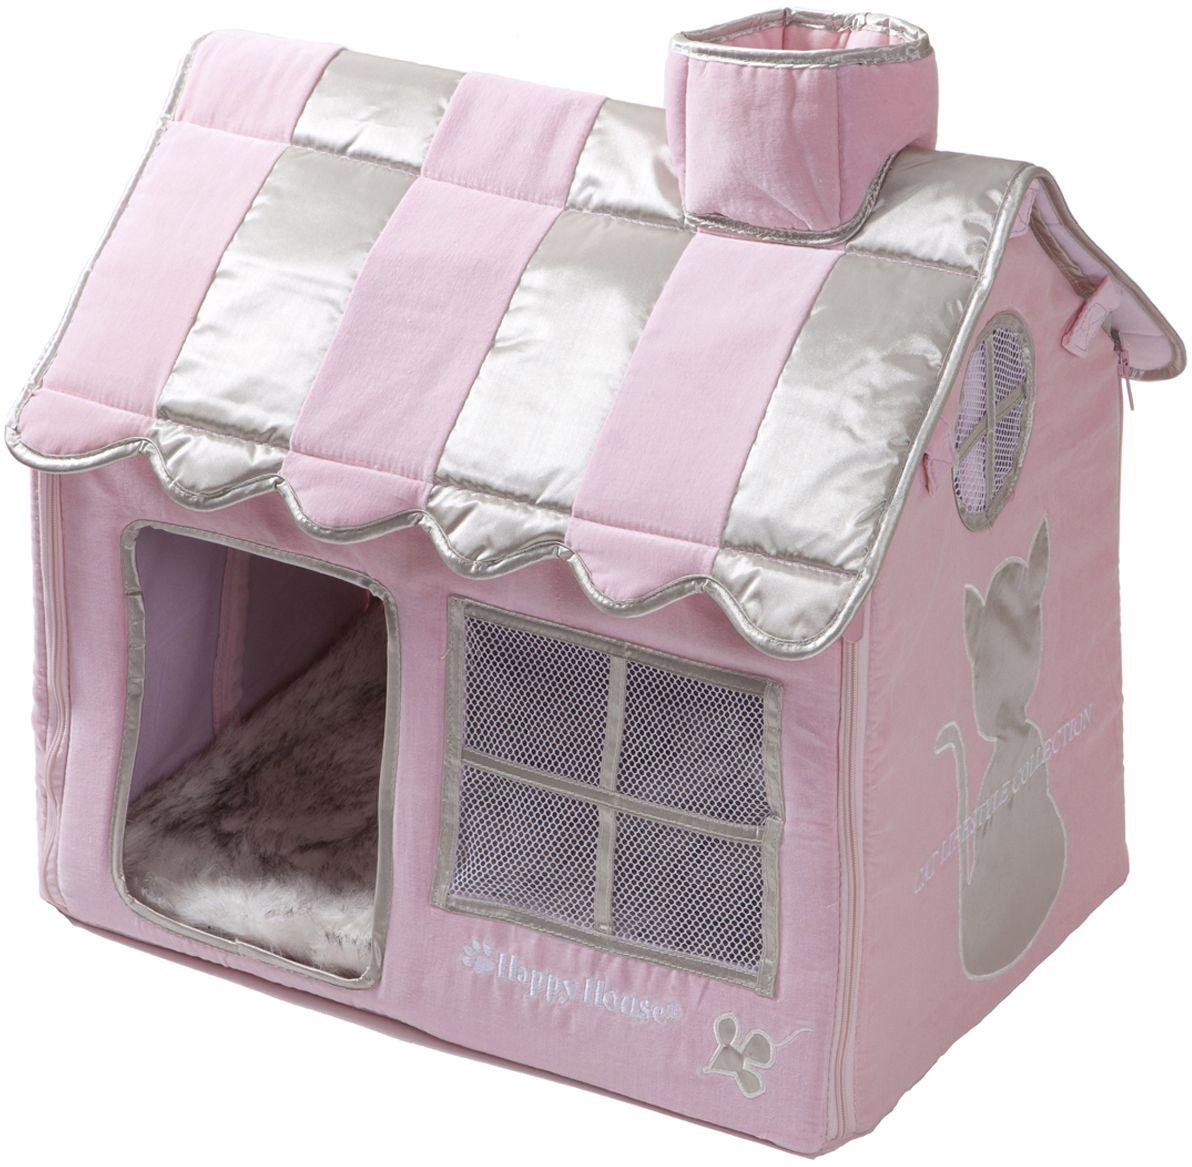 Домик для кошек Happy House Cat Lifestyle, цвет: розовый, 52 х 36 х 49 см0120710Большой, уютный домик Happy House Cat Lifestyle, выполненный из полиэстера и картона, отлично подойдет для вашего любимца. Такой домик станет не только идеальным местом для сна вашего питомца, но и местом для отдыха. Внутрь домика ведет квадратное отверстие. Мягкий домик с оригинальным дизайном имеет сборную конструкцию, что облегчит его транспортировку и хранение. Внутри имеется съемная подушка из искусственного меха.Размер домика: 52 х 36 х 49 см.